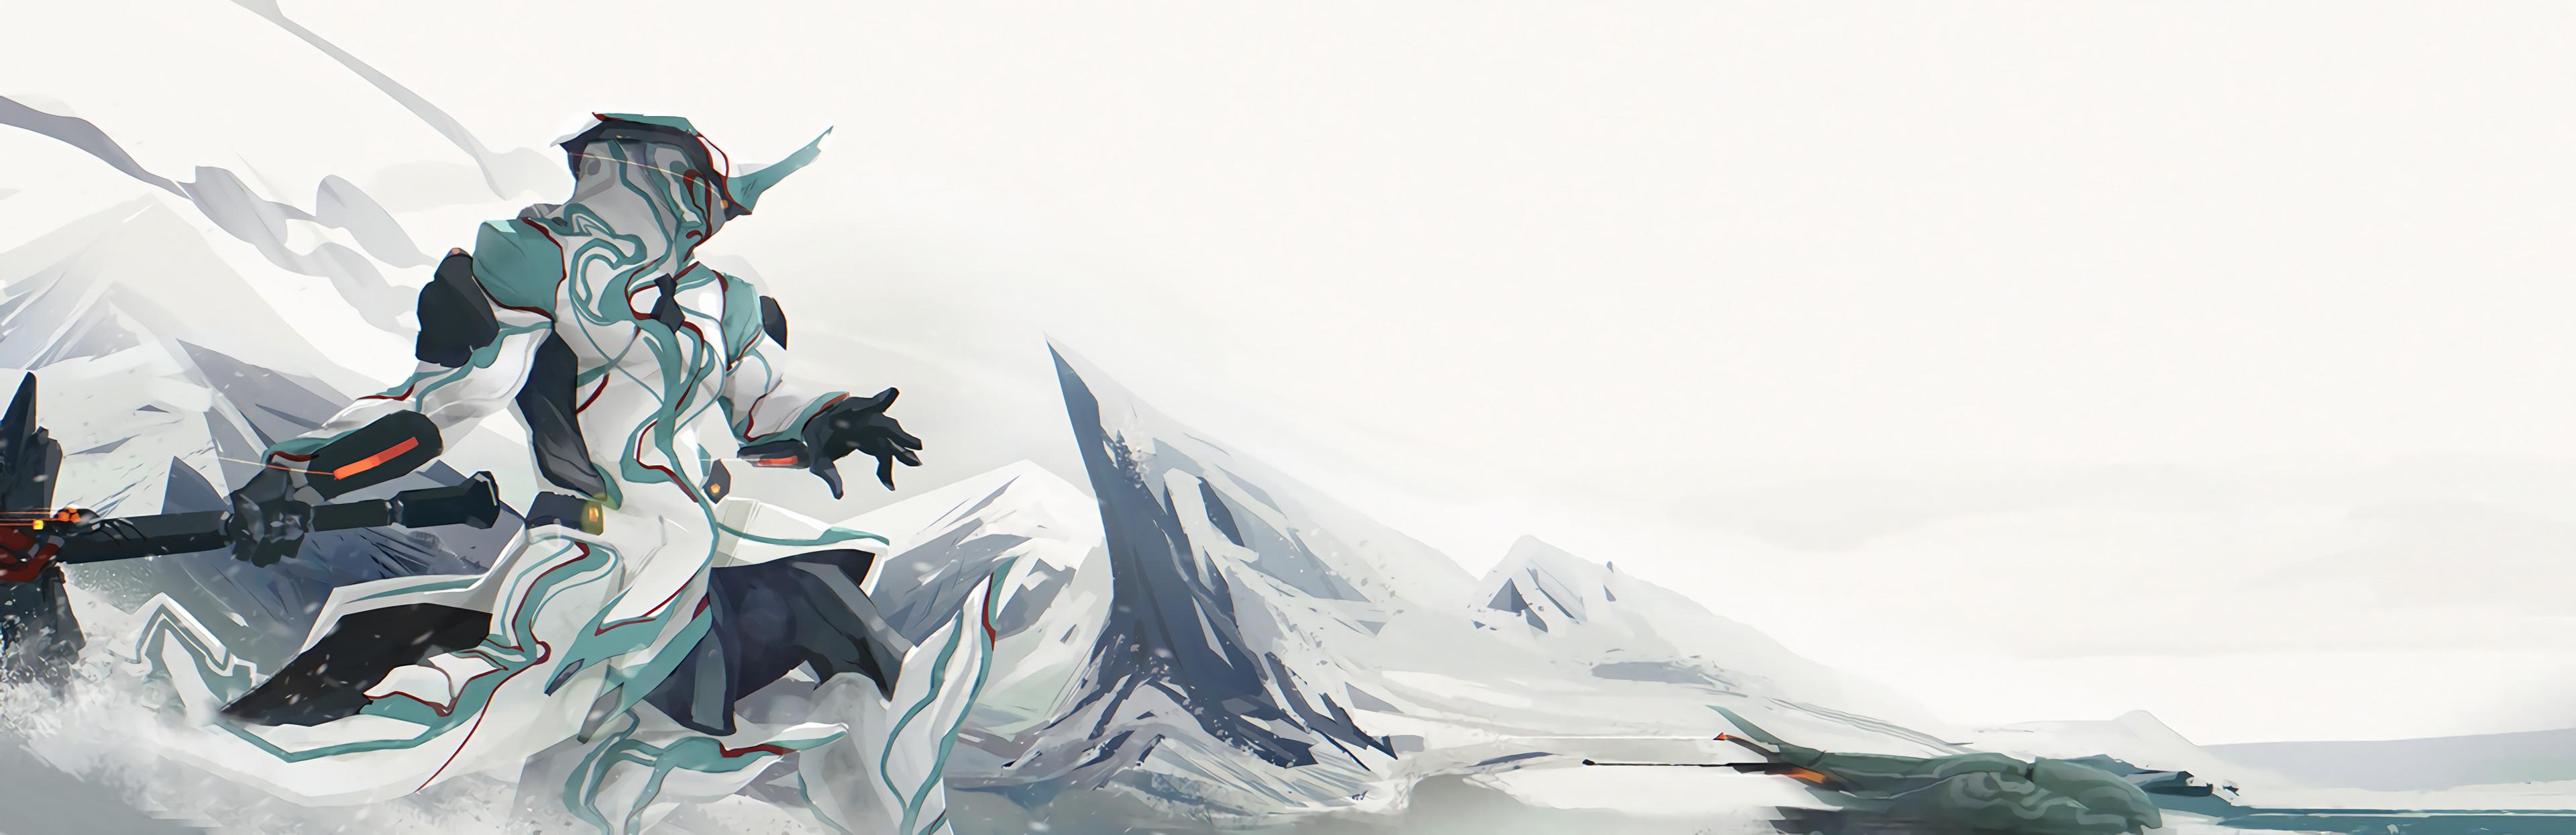 Video Game – Warframe Hilt Peak Ice Frost White Fan Art Wallpaper